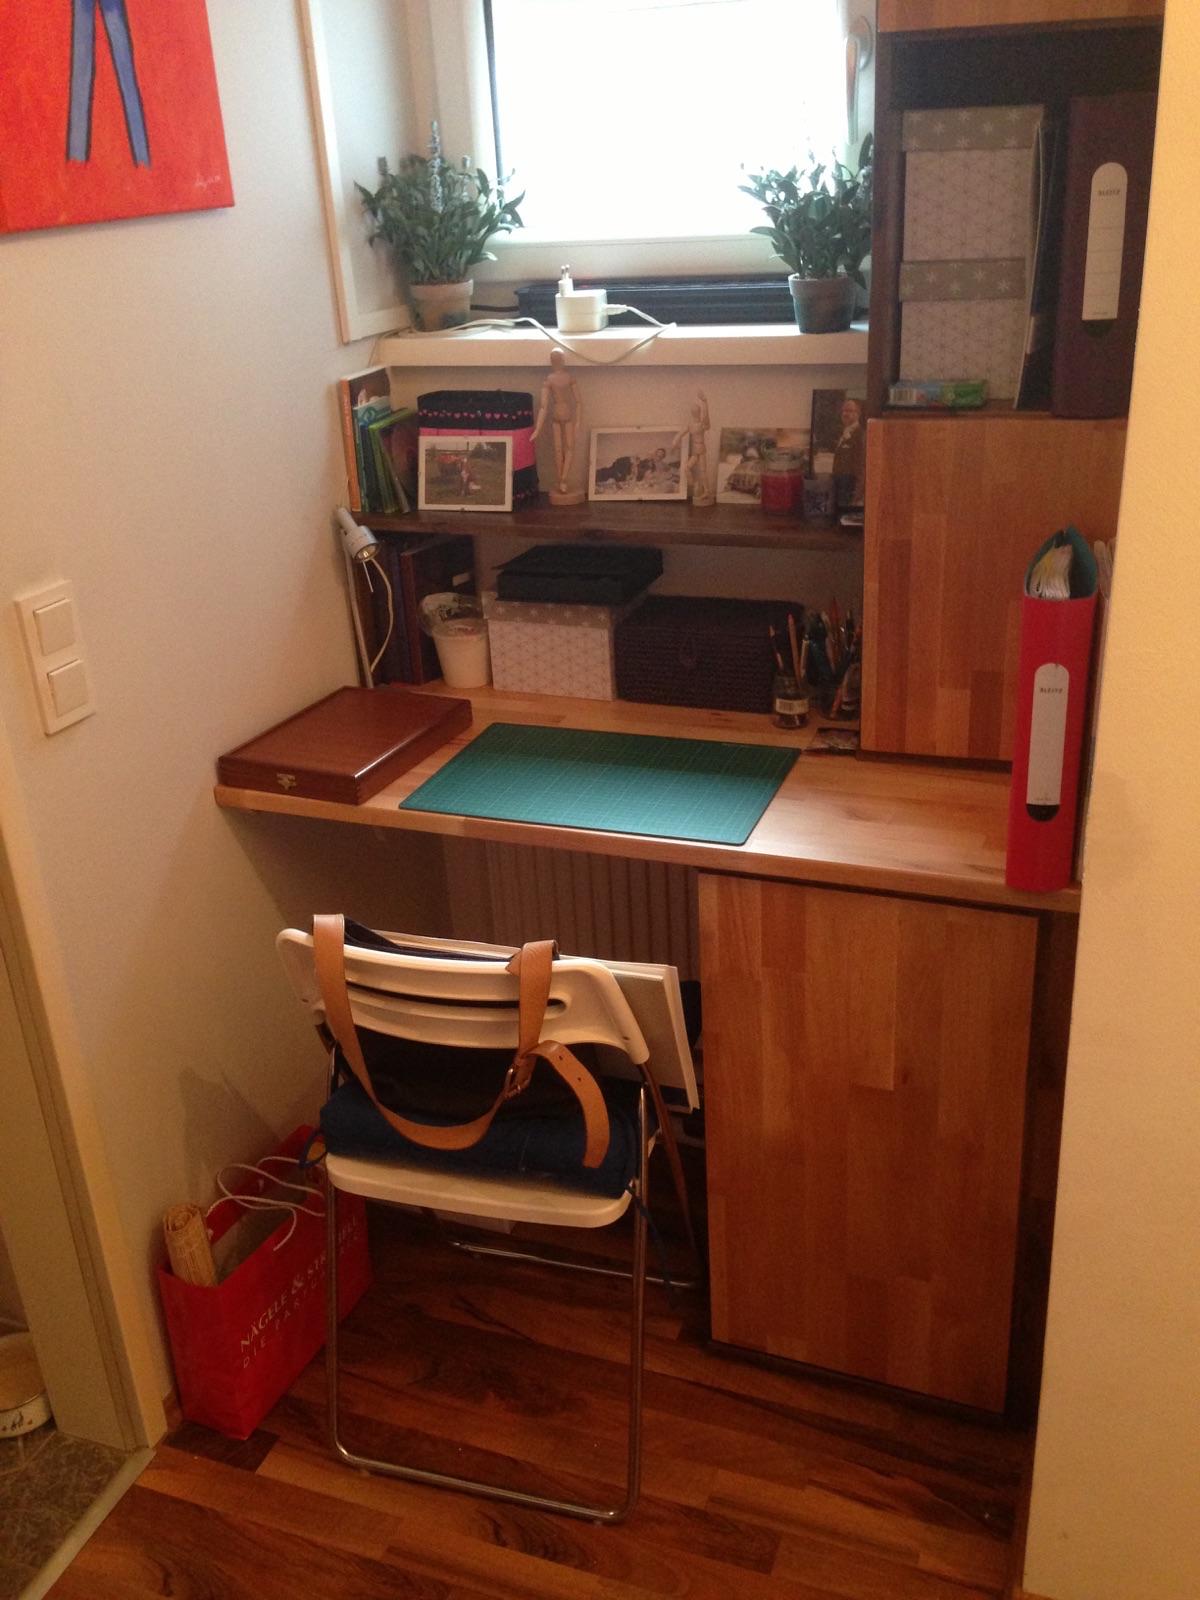 maßangefertigter Schreibtisch aus Akazie und Buche, geölt